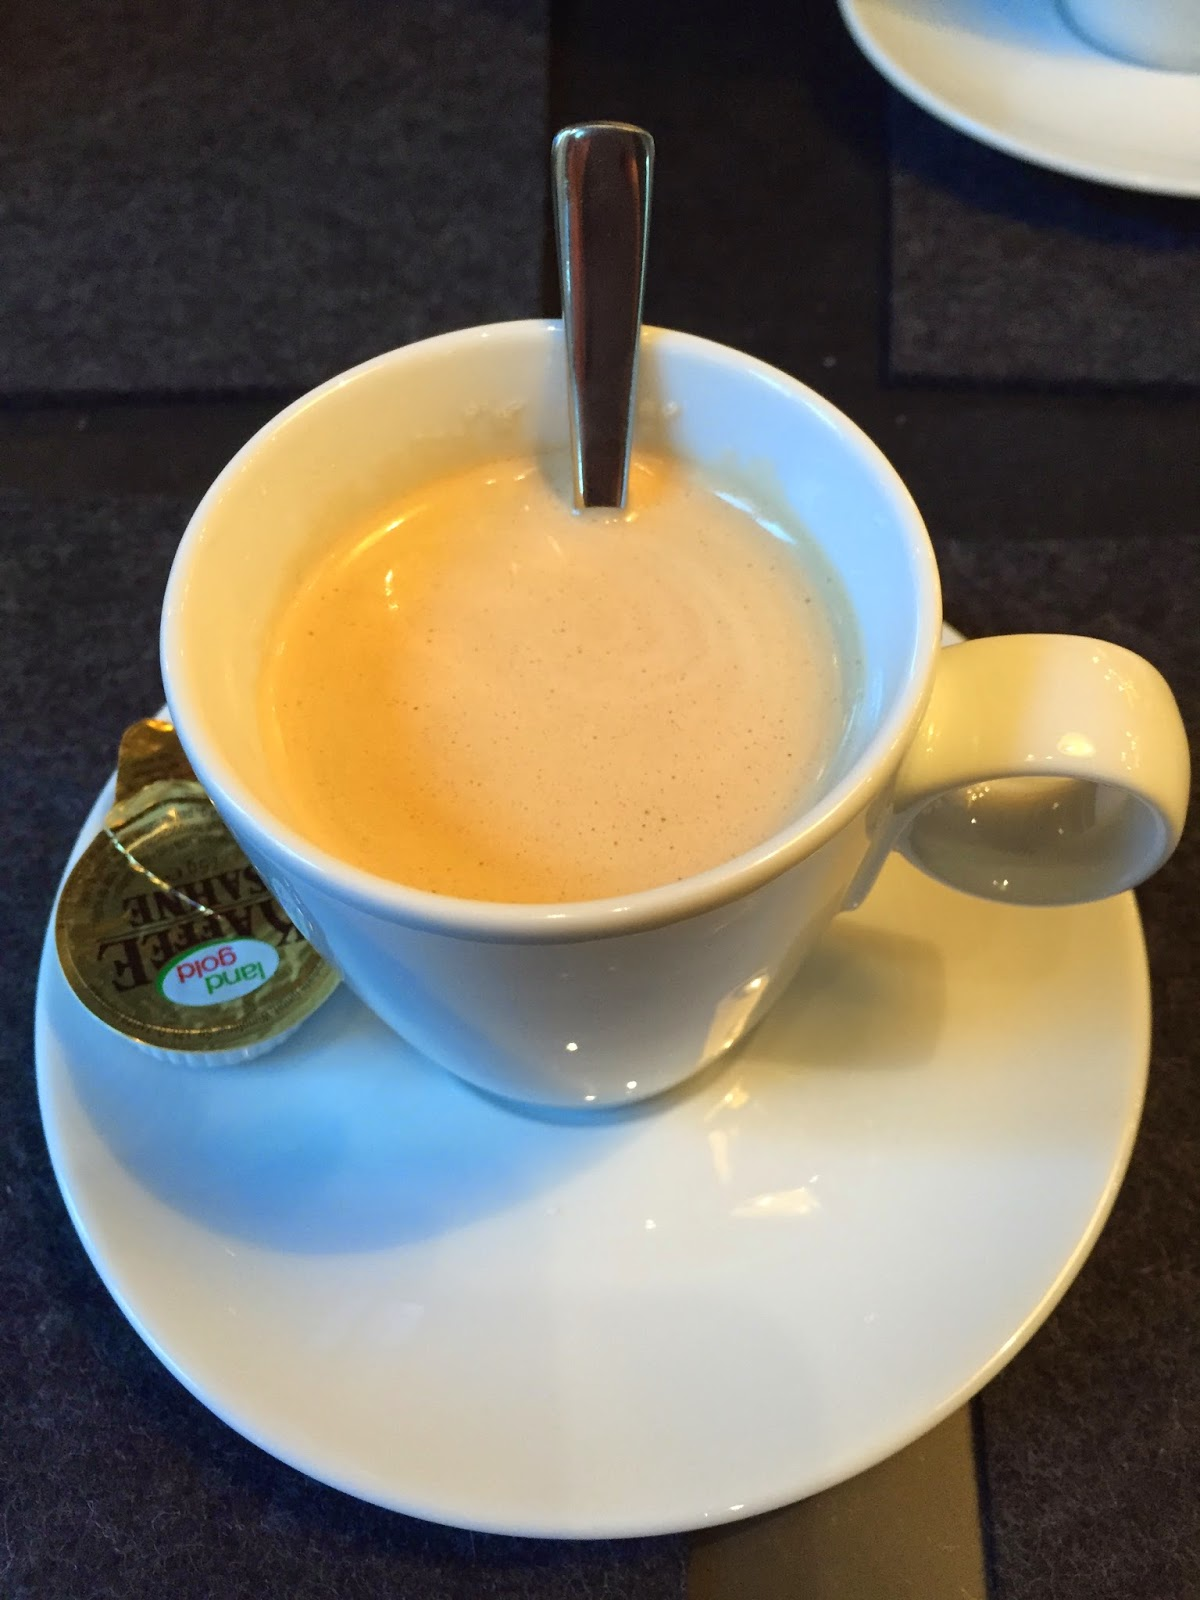 Espresso Recklinghausen laduree s lifestyle hans im glück in palais vest